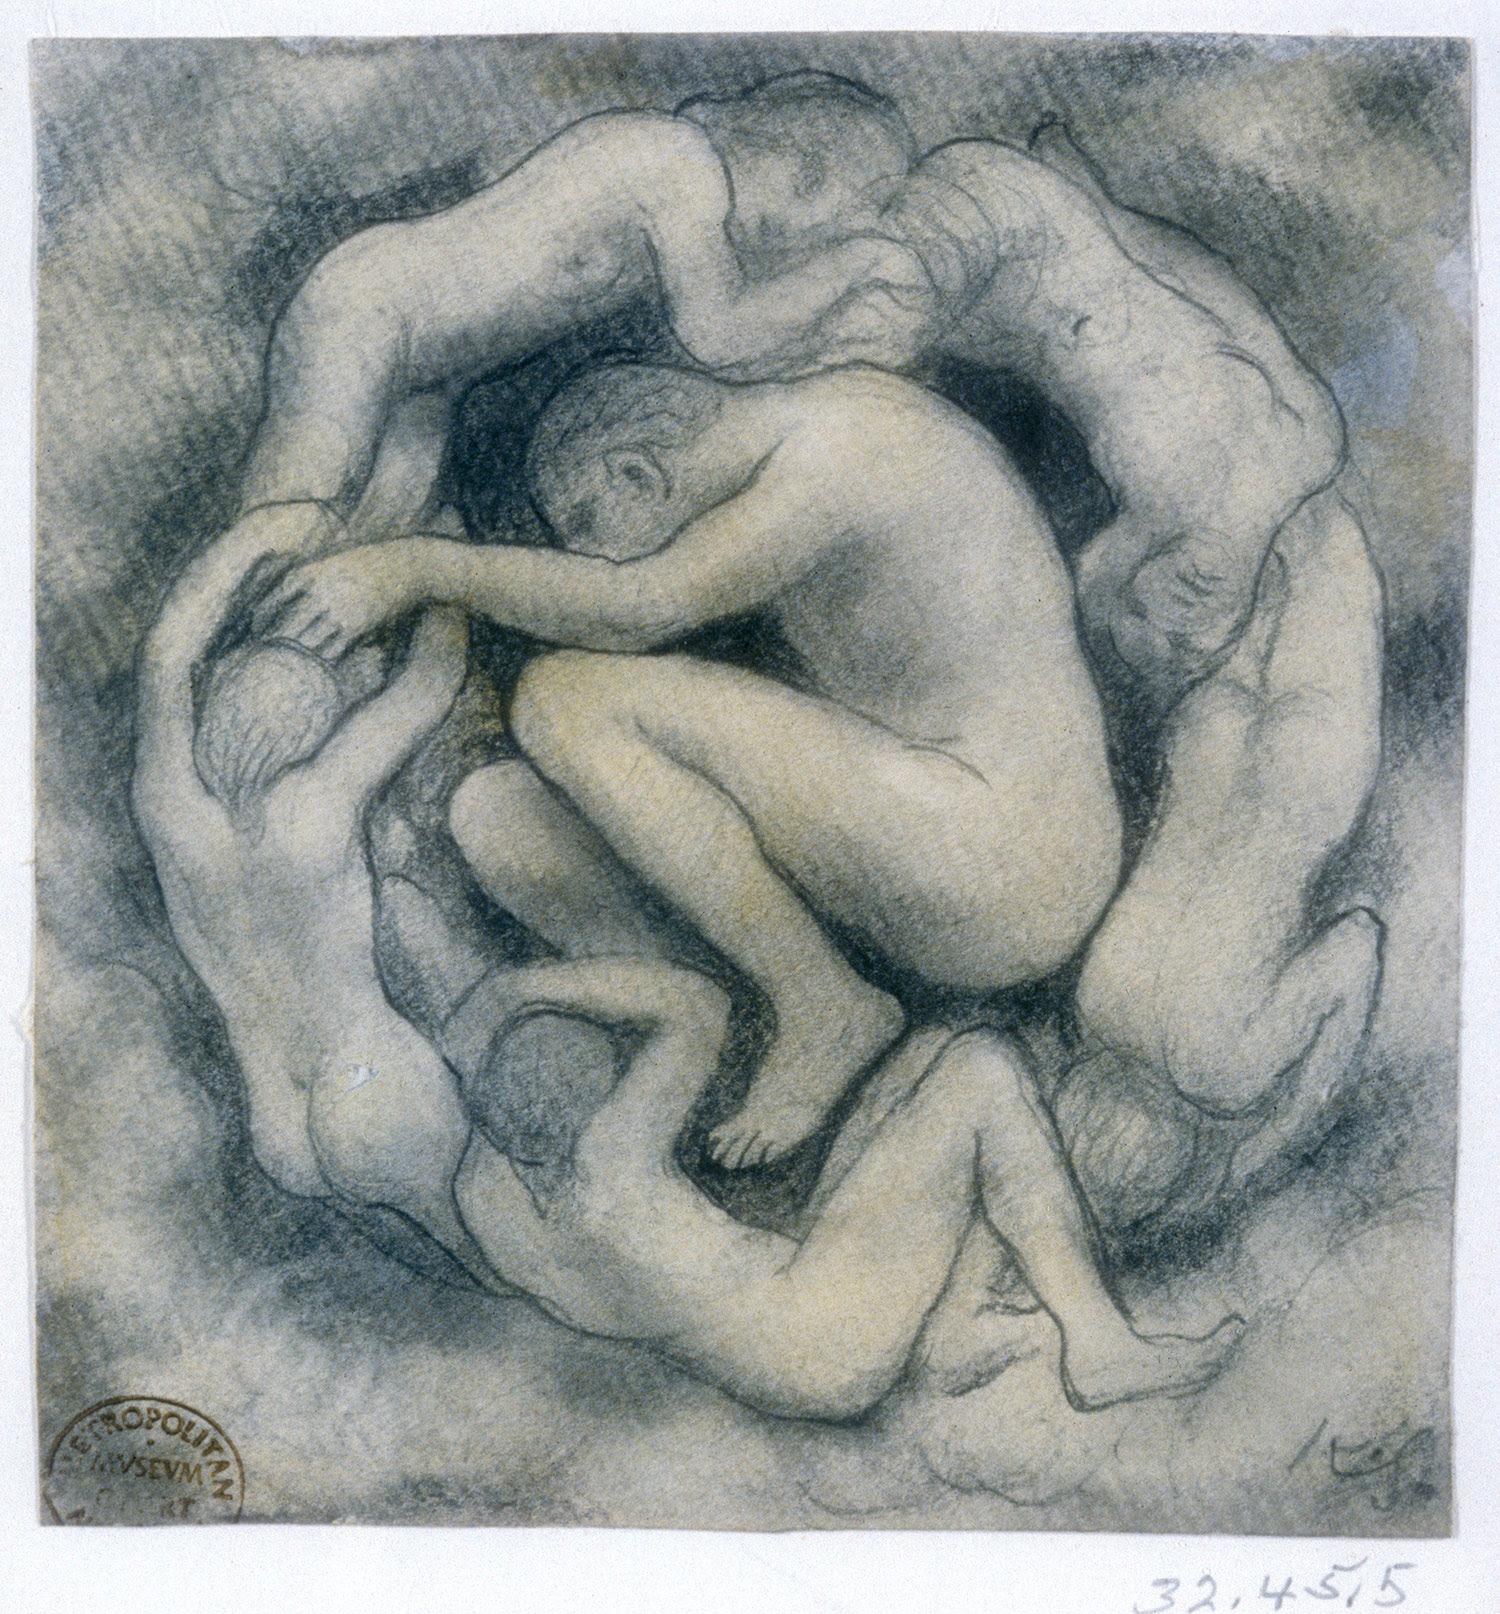 http://www.metmuseum.org/TOAH/images/h2/h2_32.45.5.jpg